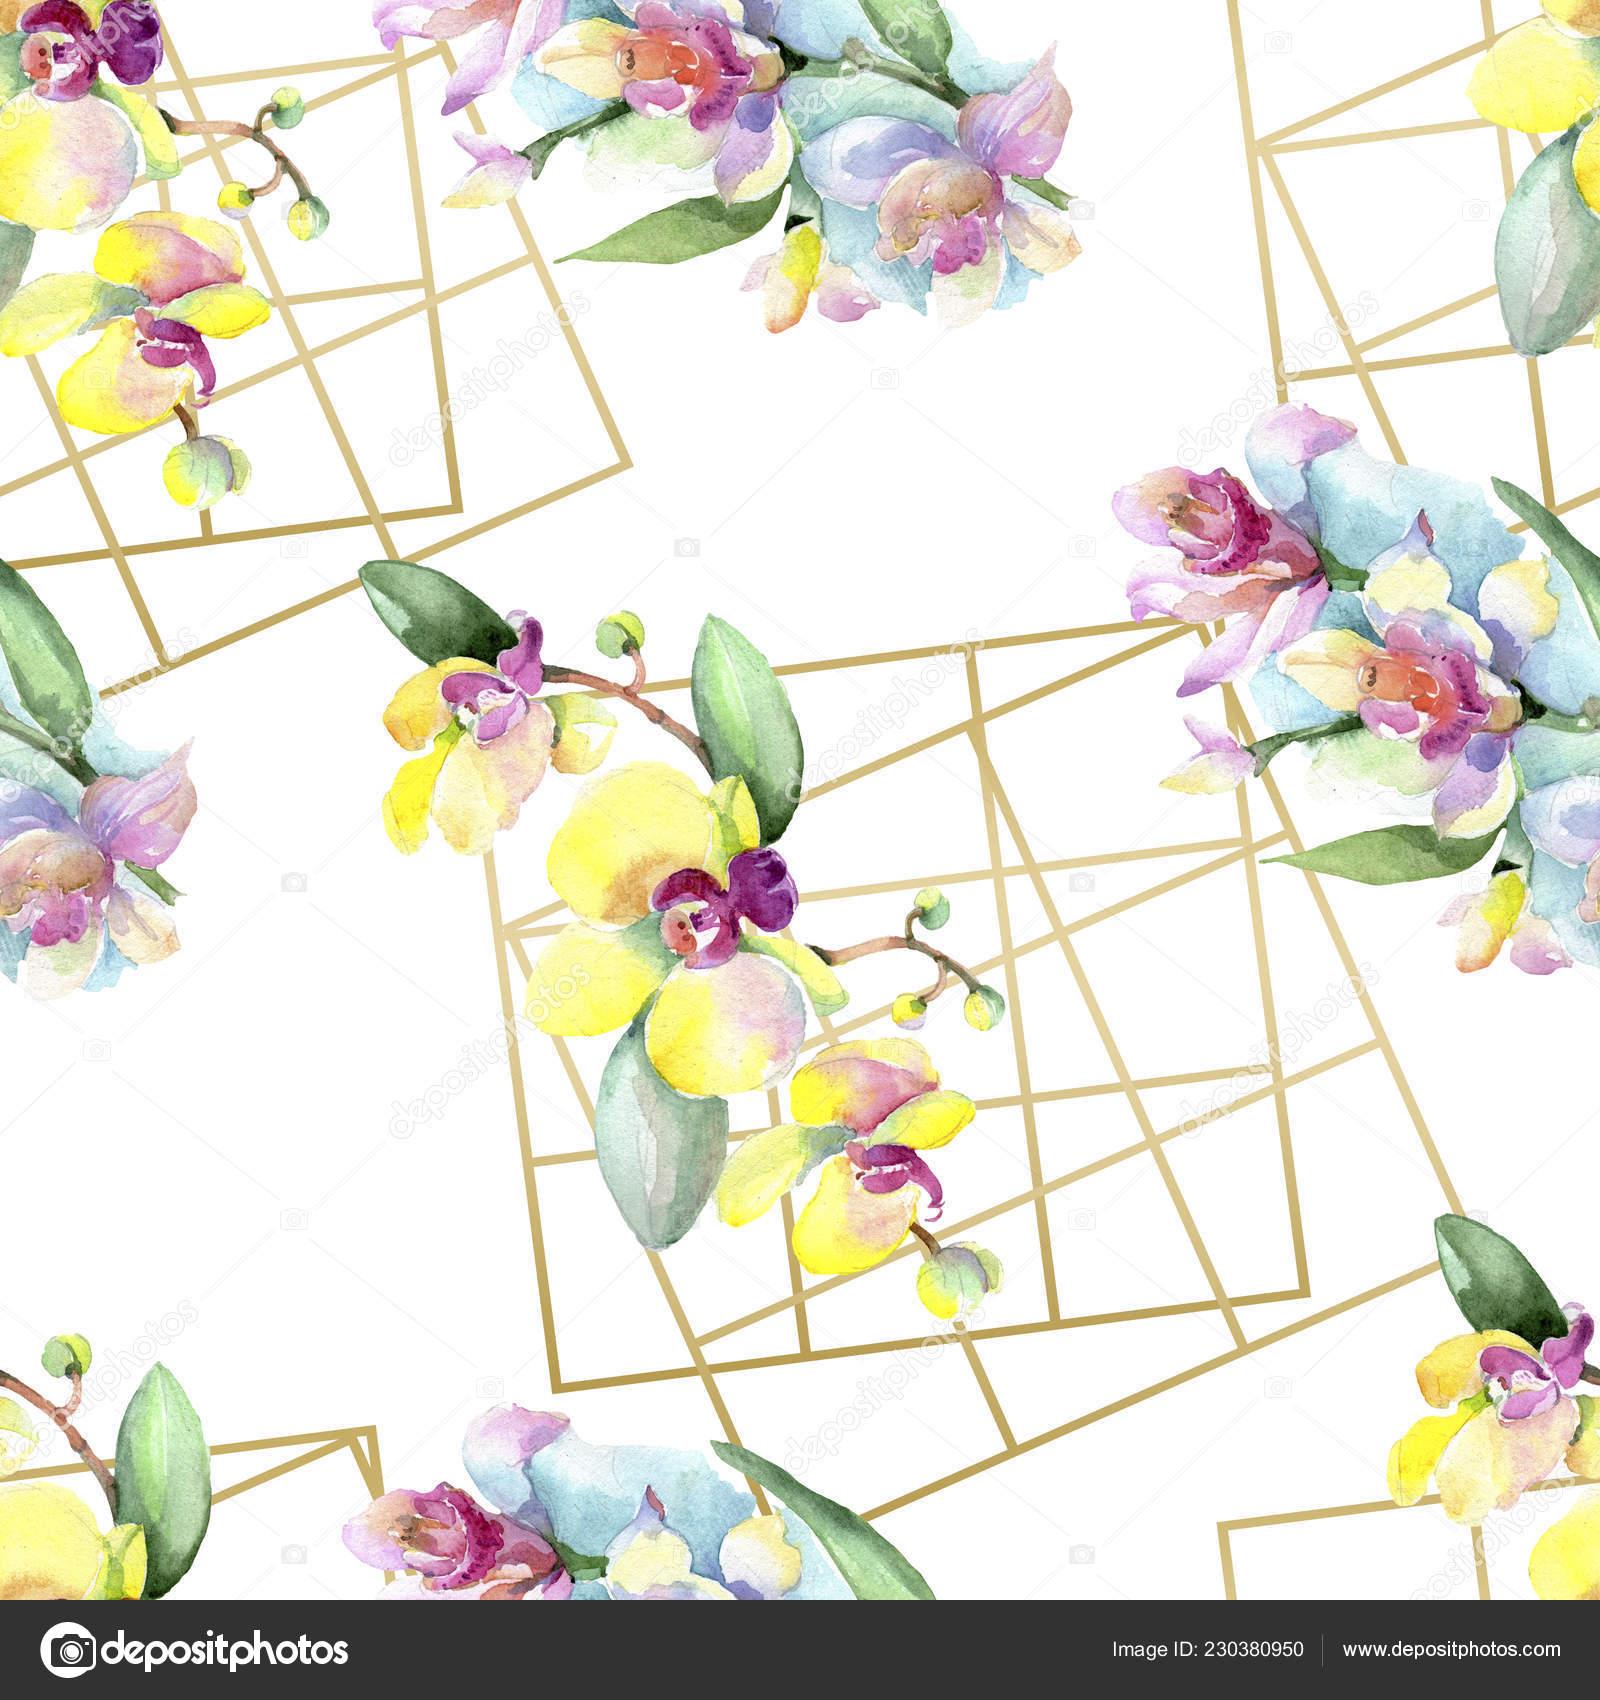 緑の葉を持つ美しい蘭の花 水彩画背景イラスト シームレスな背景